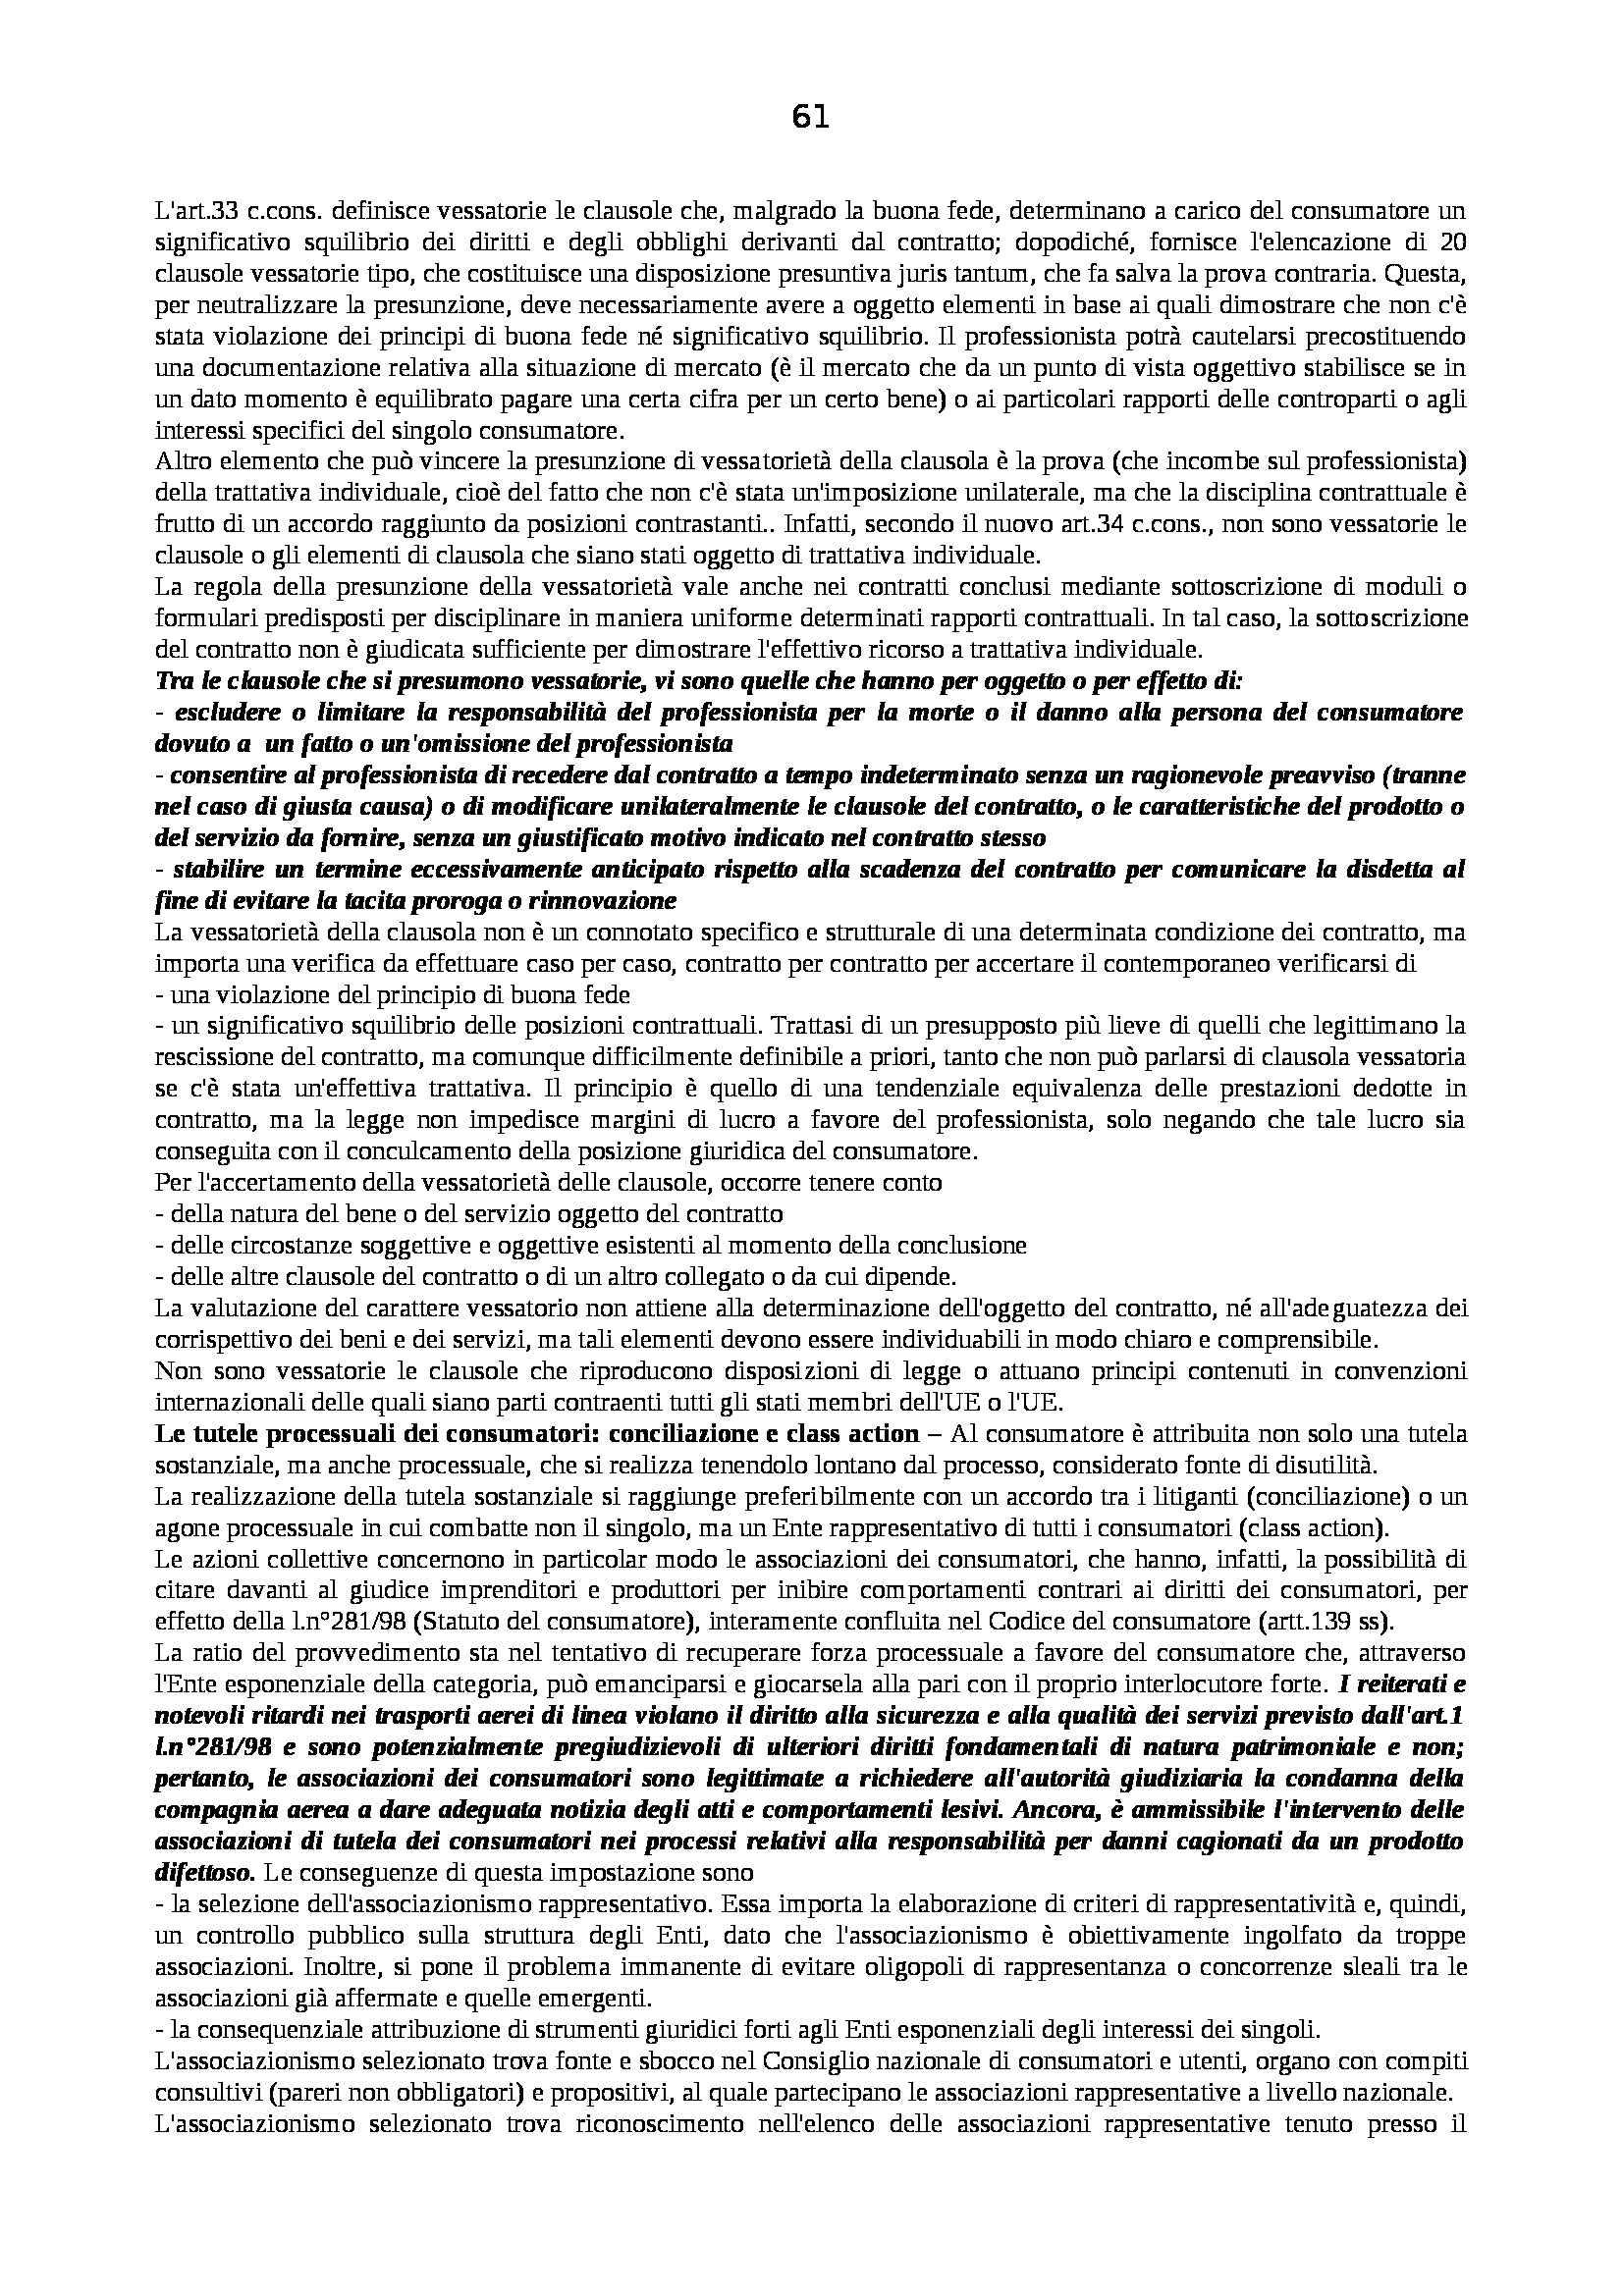 Riassunto esame Diritto Pubblico dell'Economia, prof. Capunzo, libro consigliato Argomenti di Diritto Pubblico dell'Economia di Capunzo Pag. 61